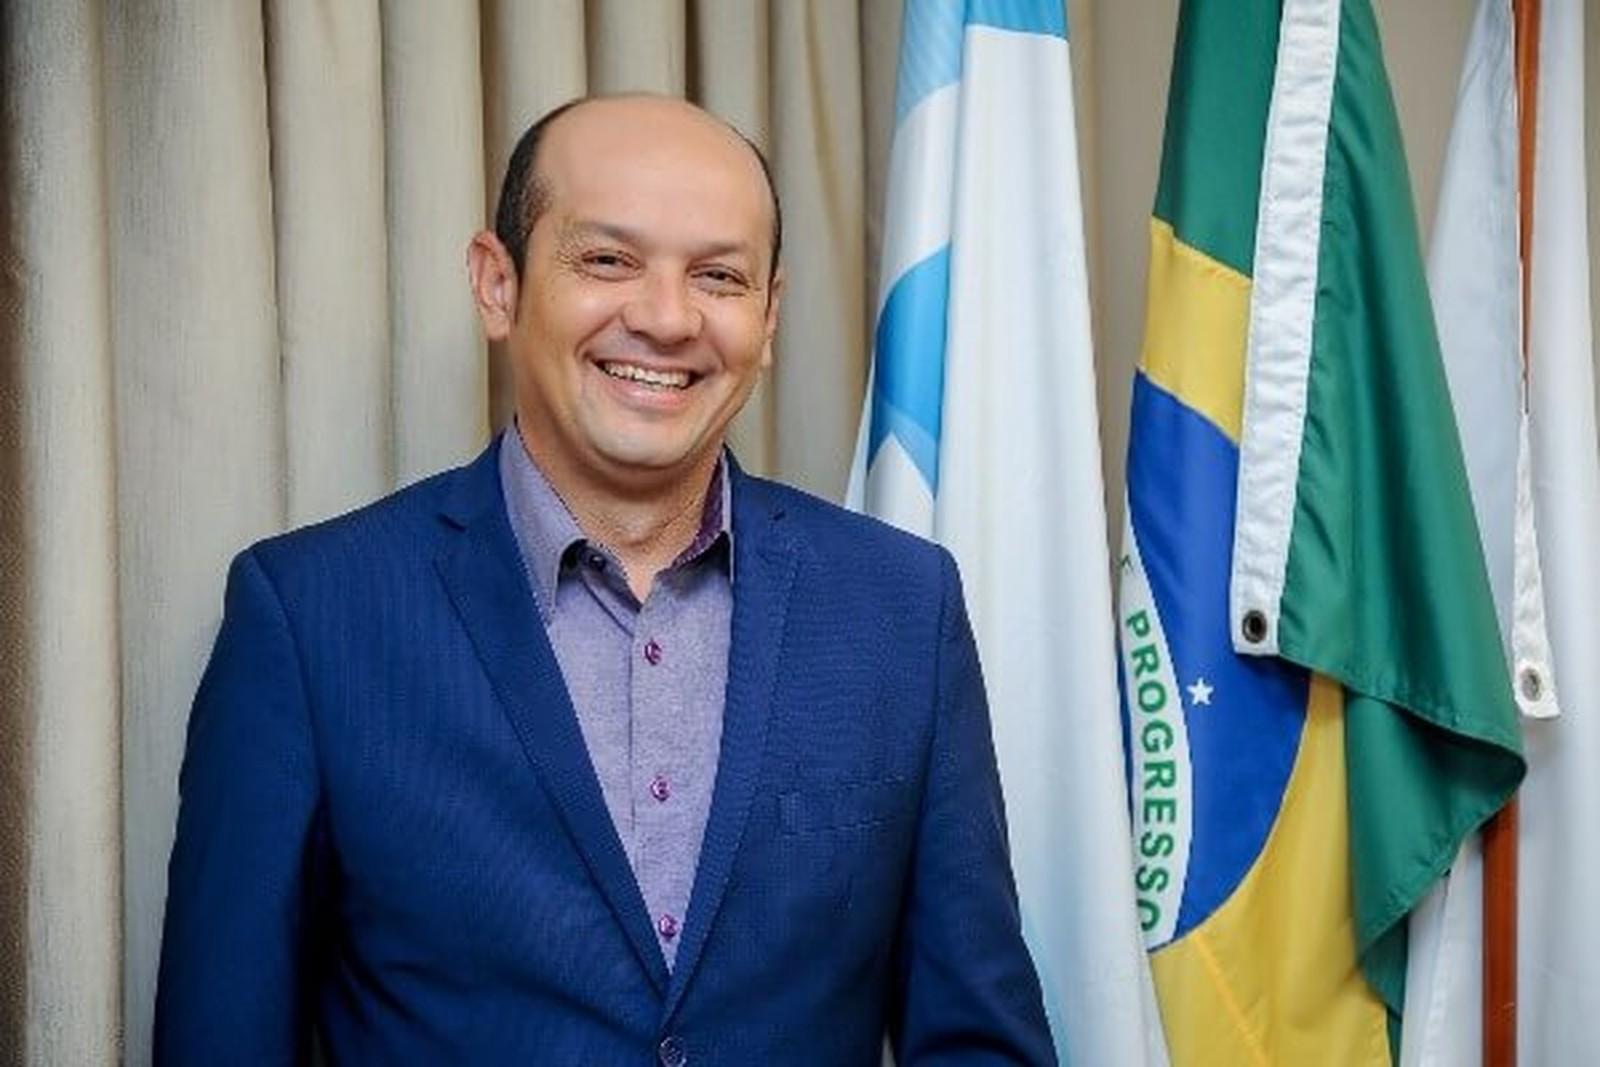 Justiça suspende 2ª cassação do prefeito de Augustinópolis e determina volta ao cargo